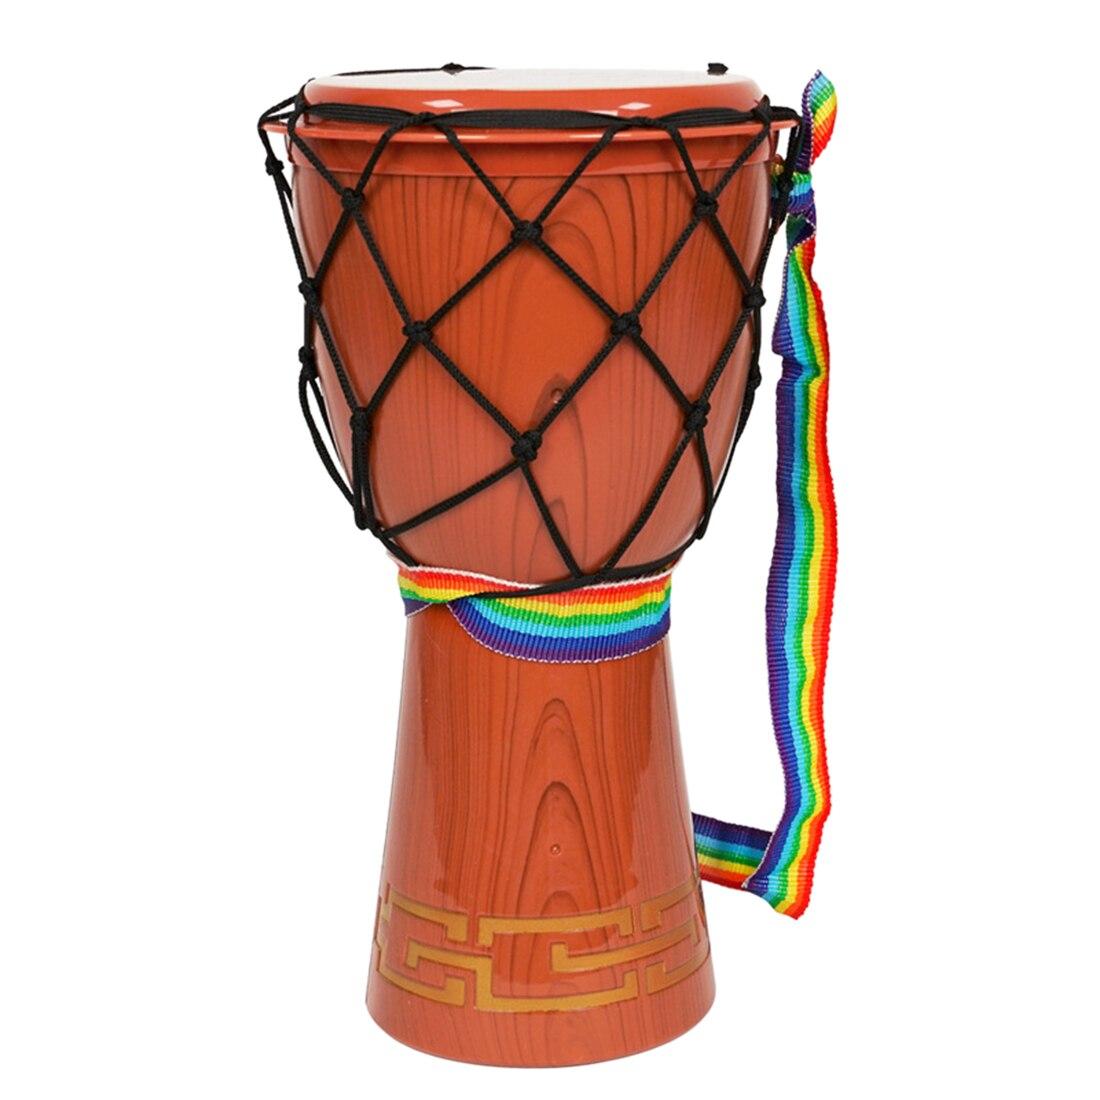 12 polegadas djembe simulacao mao tambor cedo educacional instrumentos musicais brinquedo marrom